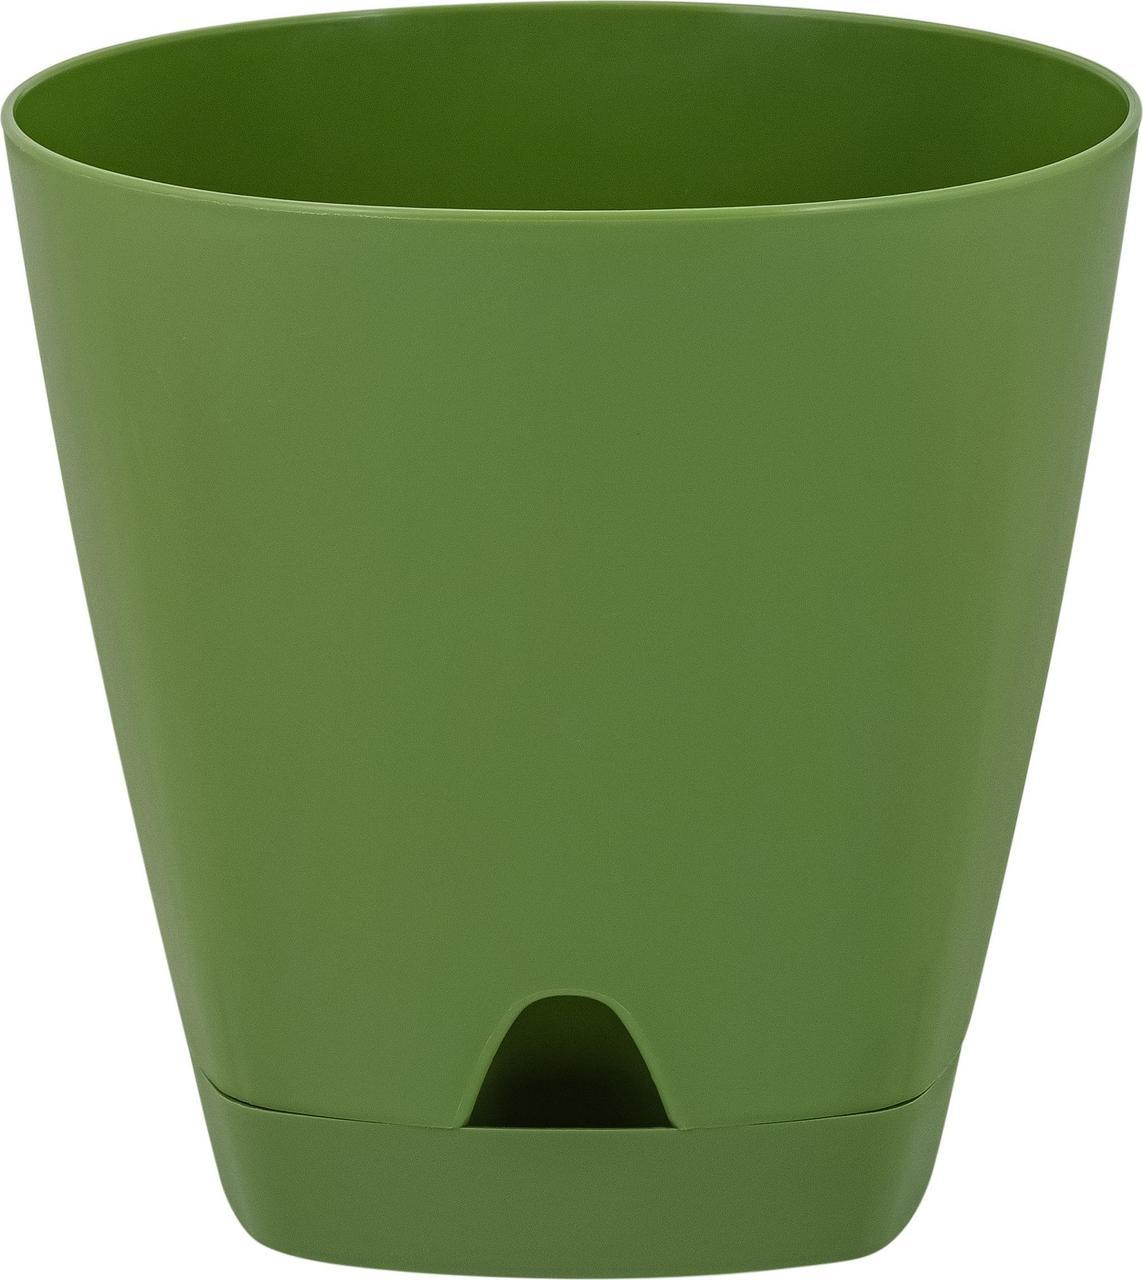 Горшок для цветов AMSTERDAM D 170 mm/2,5l с прикорневым поливом оливковый